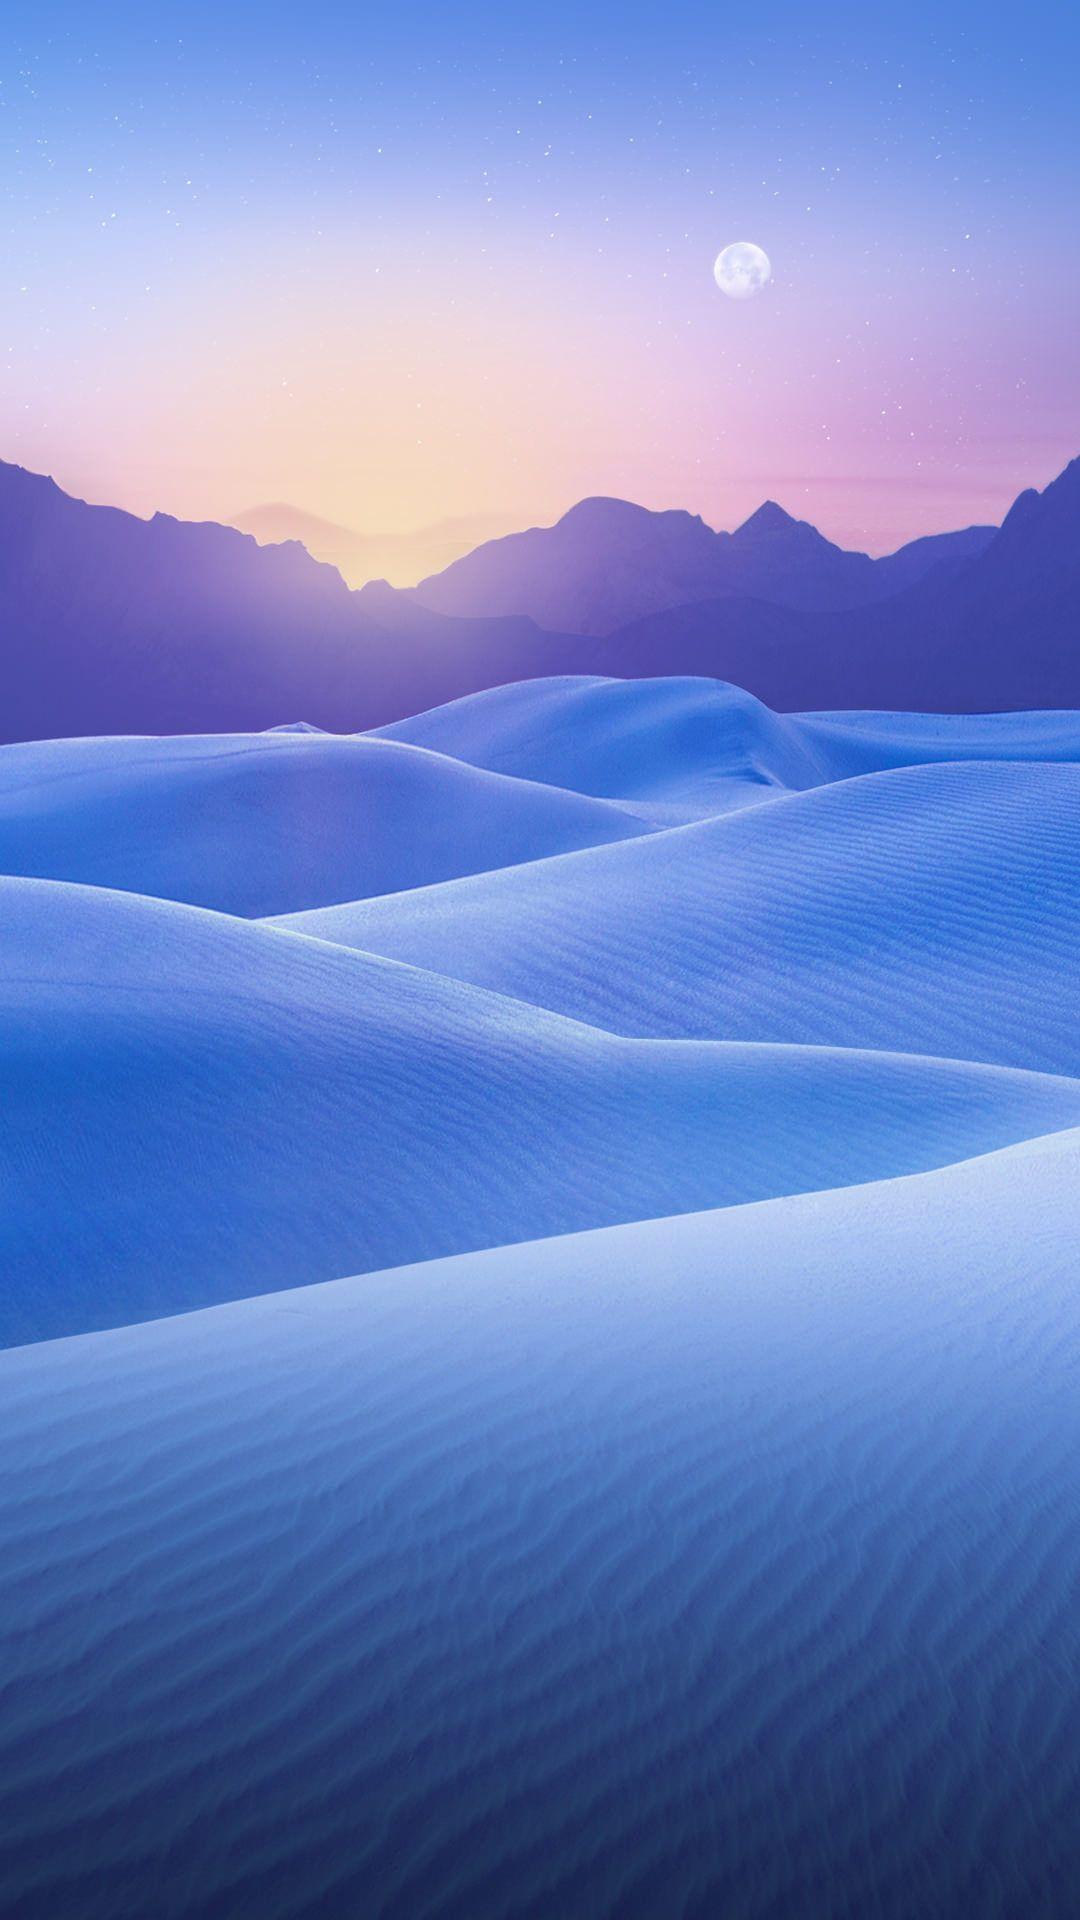 雪原と月 Iphone6 Plus壁紙 美しい風景写真 風景 風景の壁紙